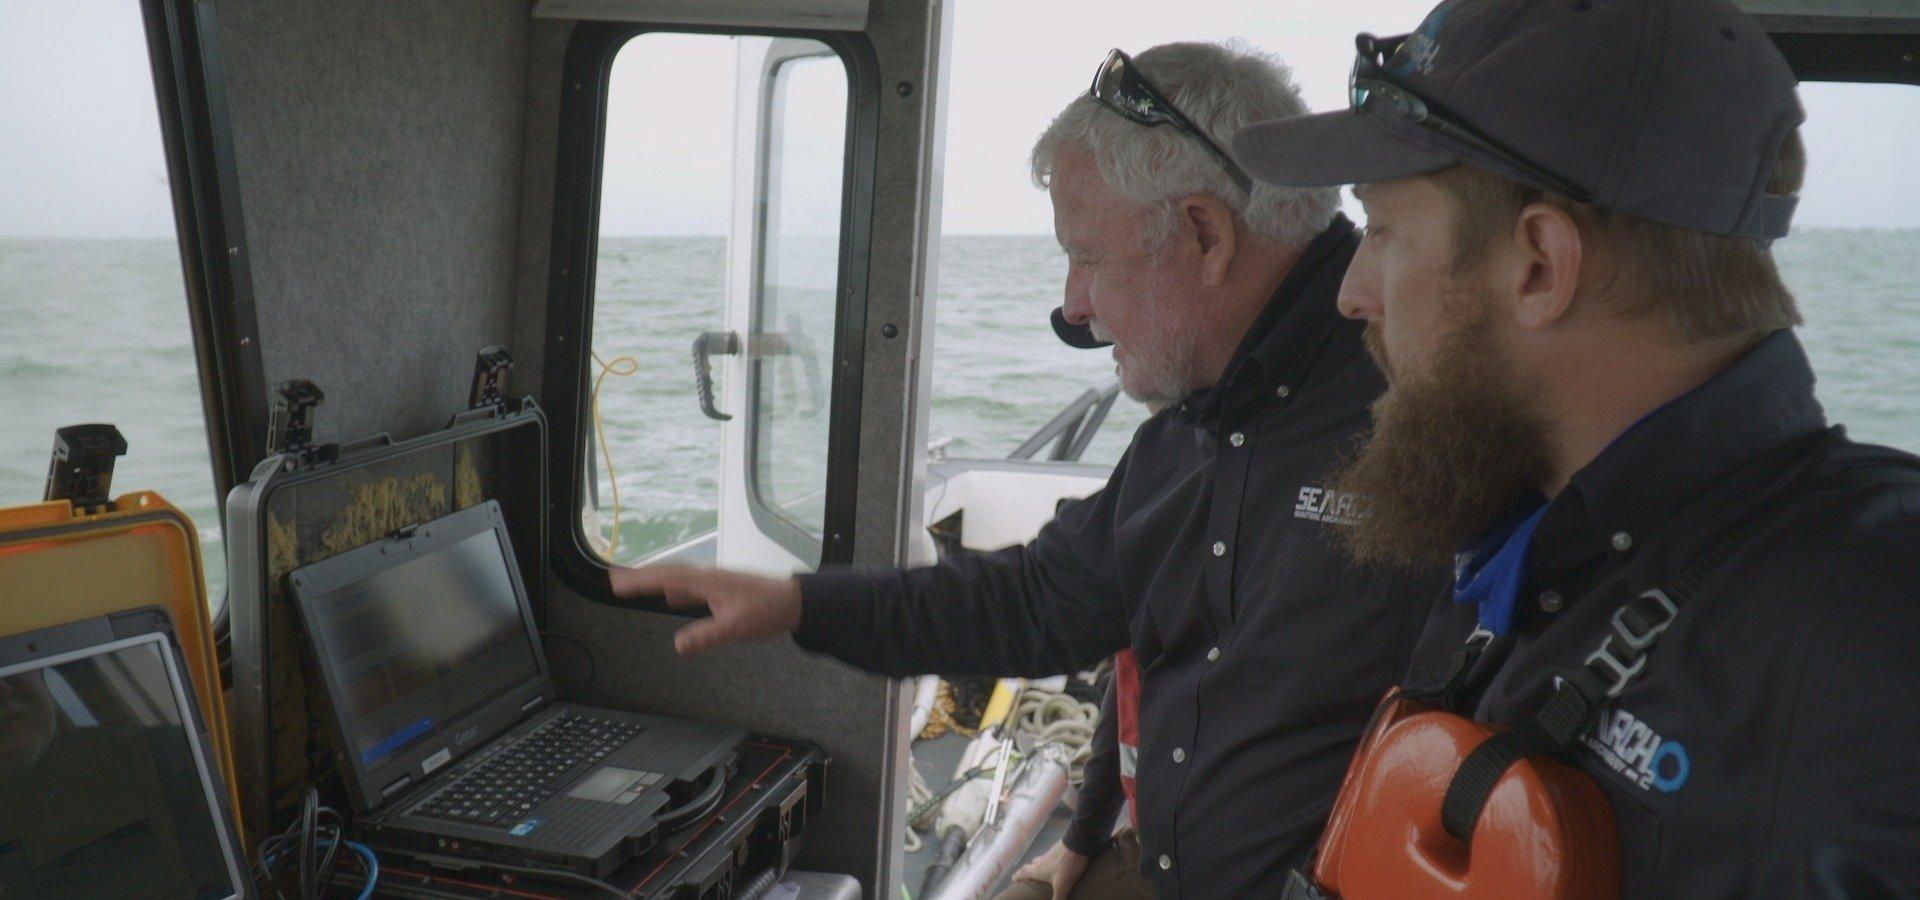 NATIONAL GEOGRAPHIC EXPÕE MISTÉRIOS E MARAVILHAS DOS OCEANOS, COM ESTREIA DA SEGUNDA TEMPORADA DE 'DRENAR OS OCEANOS'